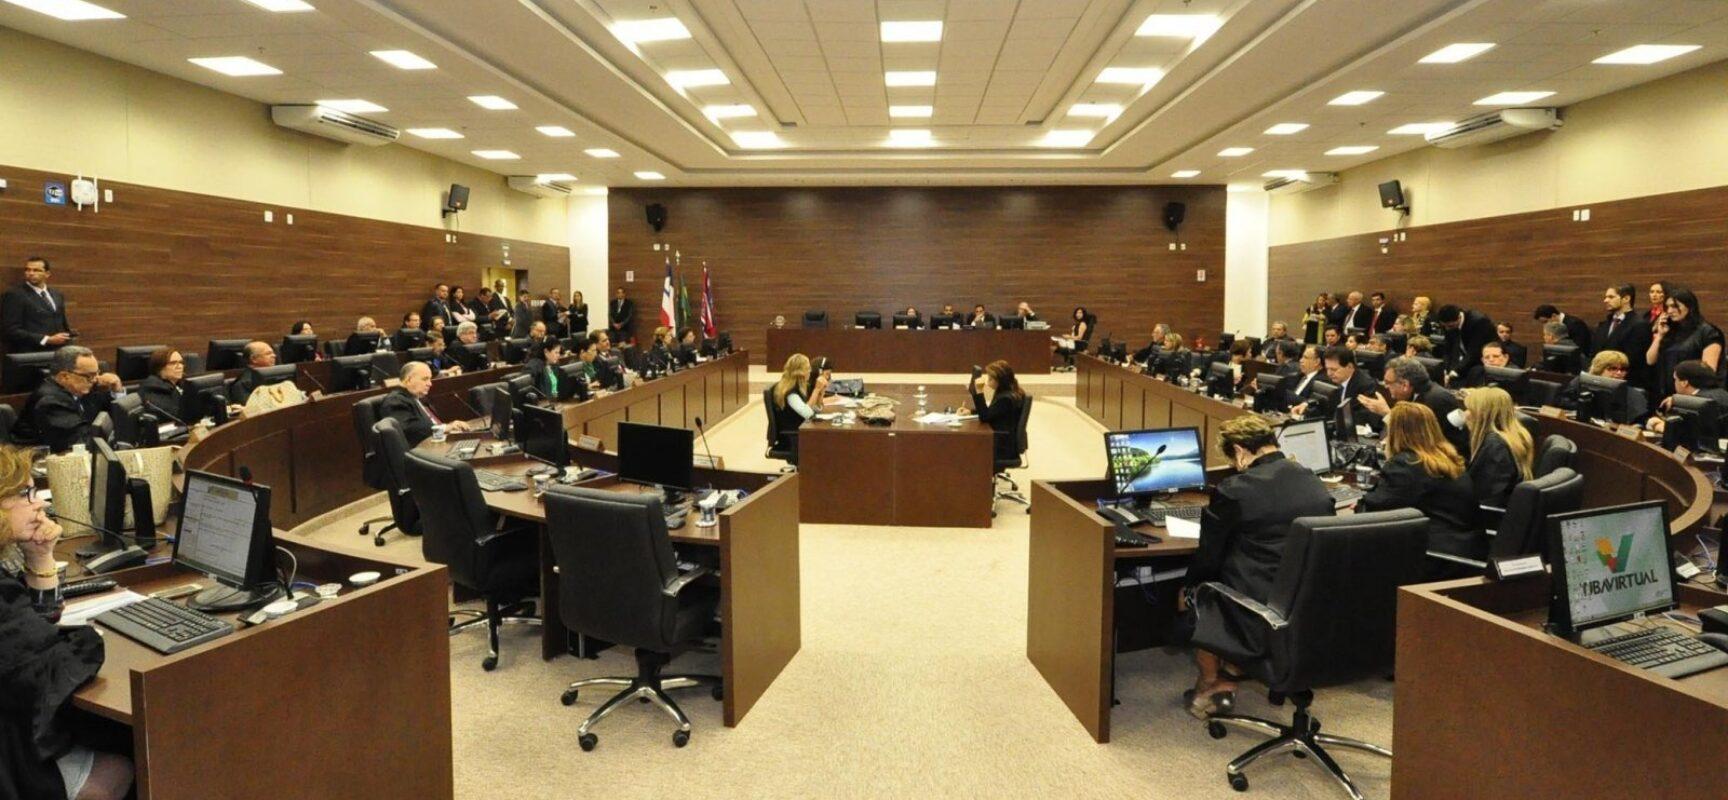 Após um ano e meio paralisado, Tribunal do Júri retoma sessões em Salvador com caso de homicídio